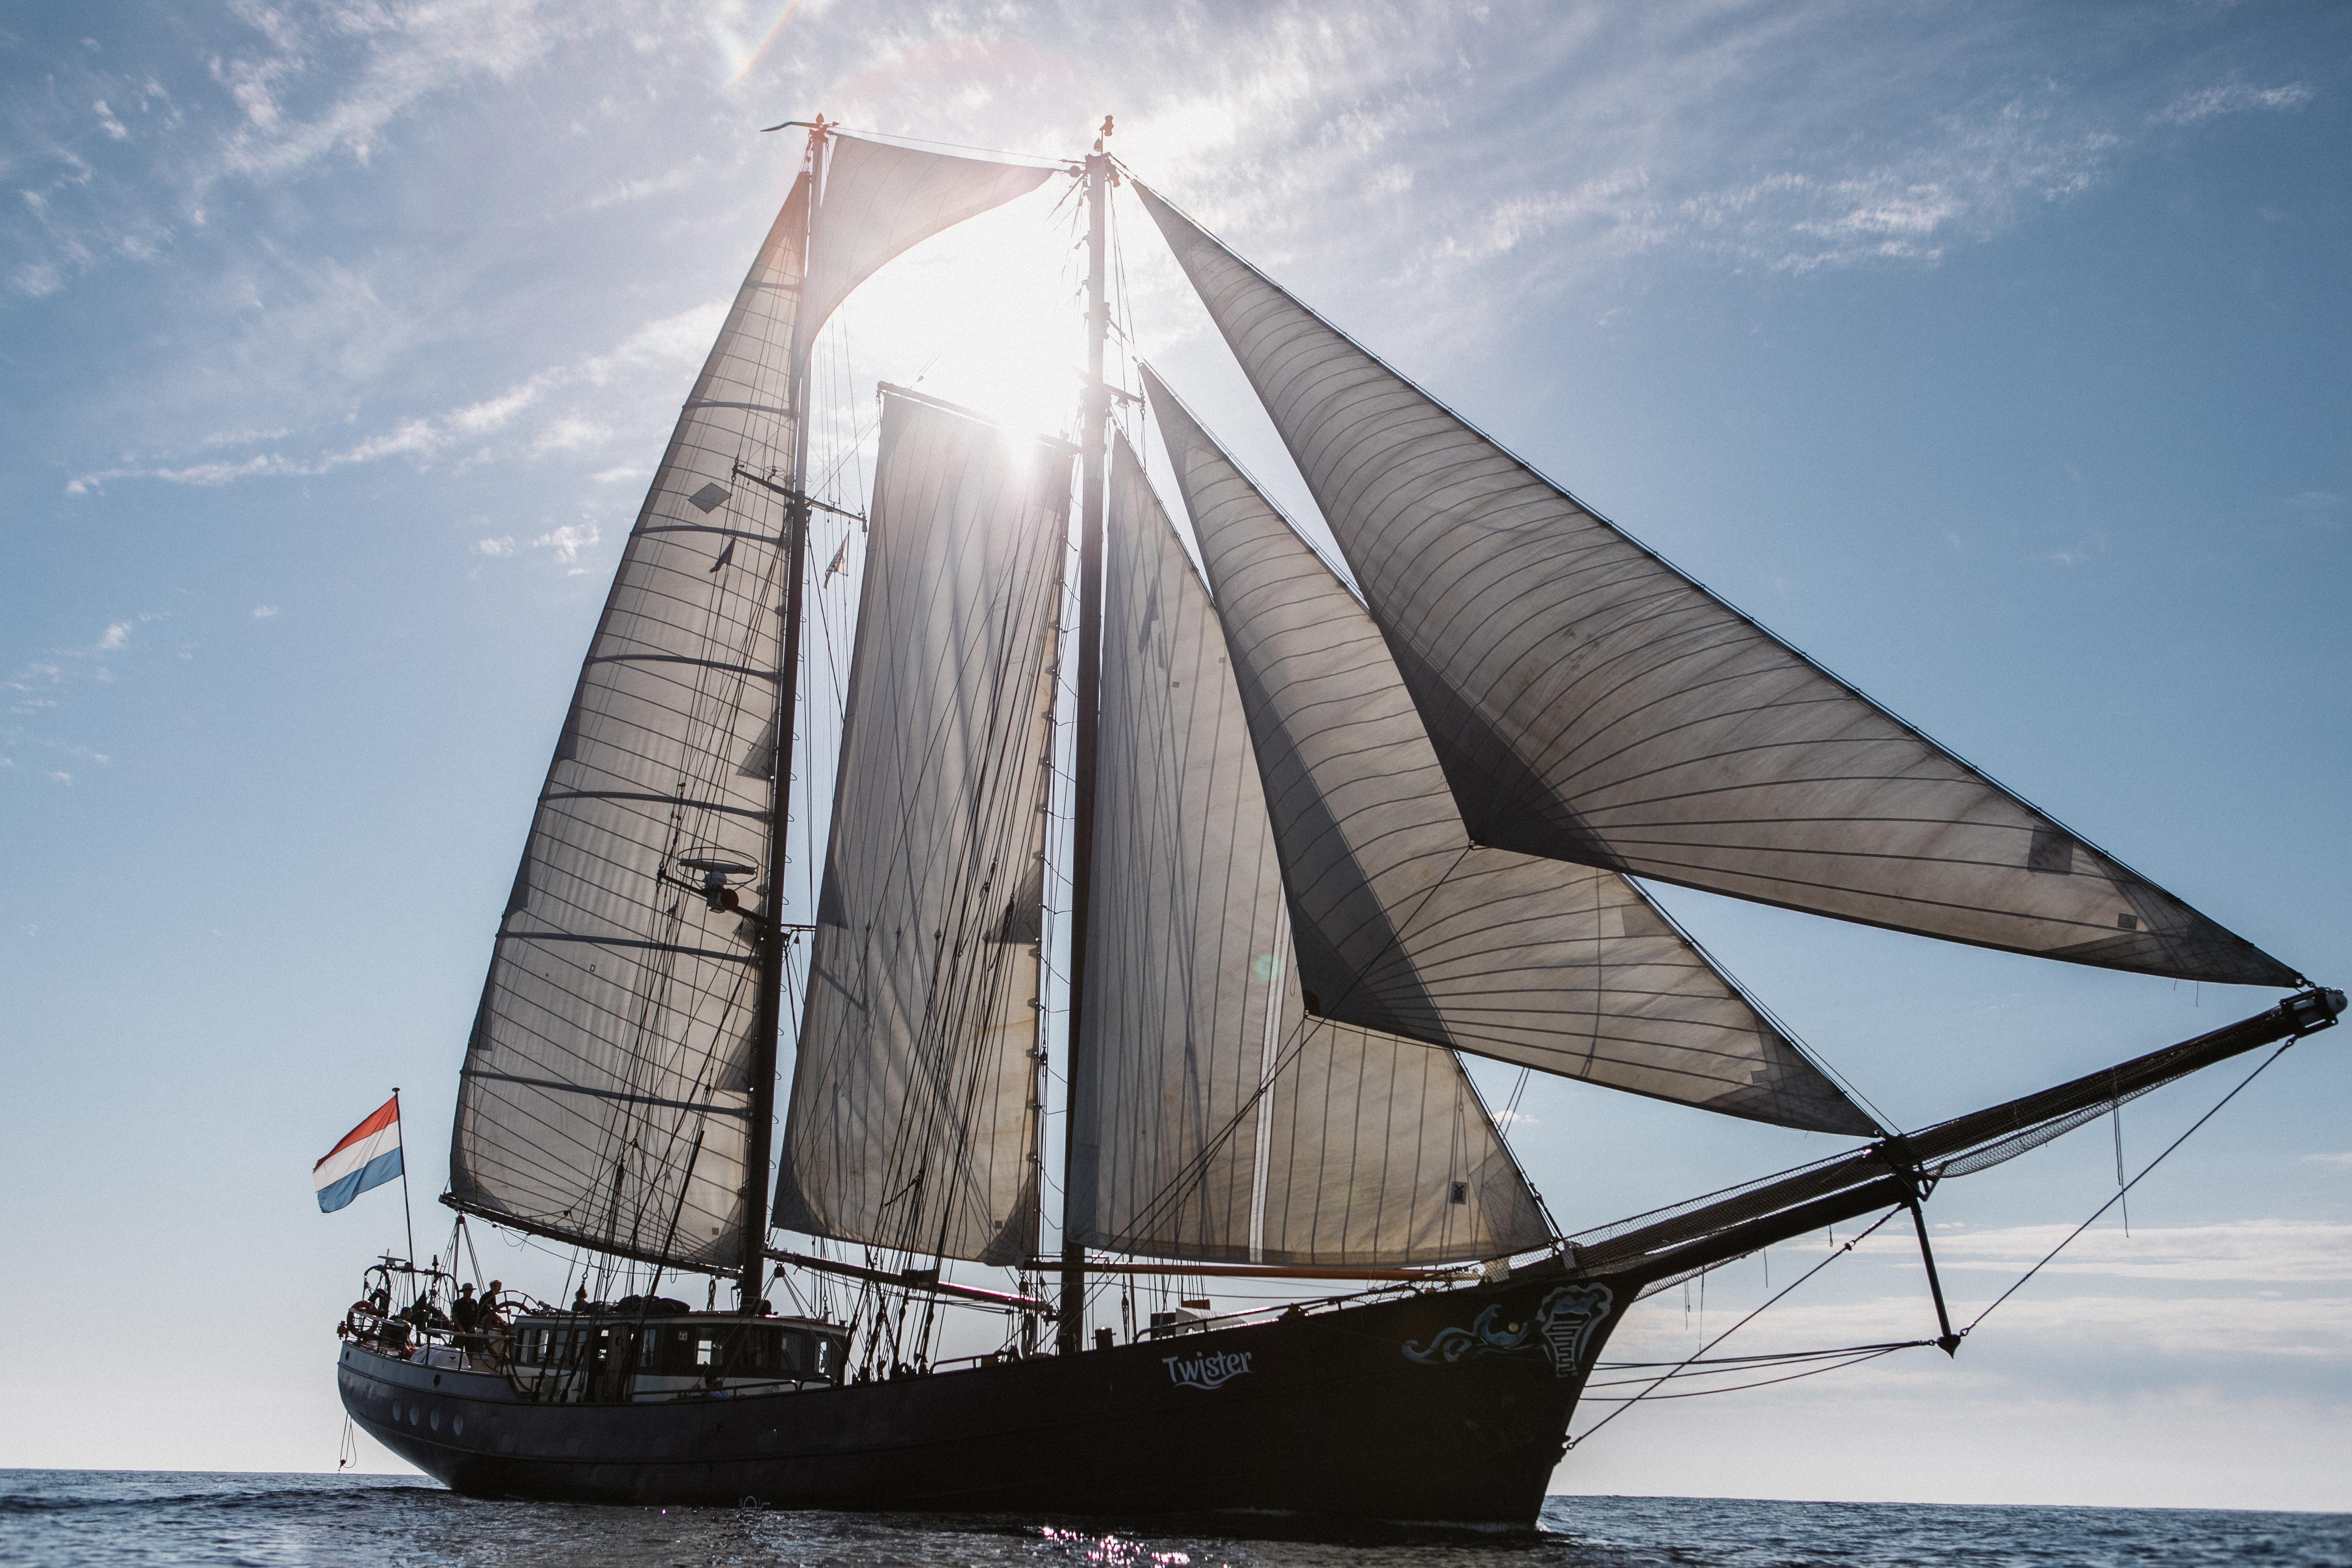 Straks kun je per zeilschip langs de Nederlandse kust varen, ook naar Den Helder en Texel: 'Ik denk dat mensen hun ogen uitkijken op Willemsoord'